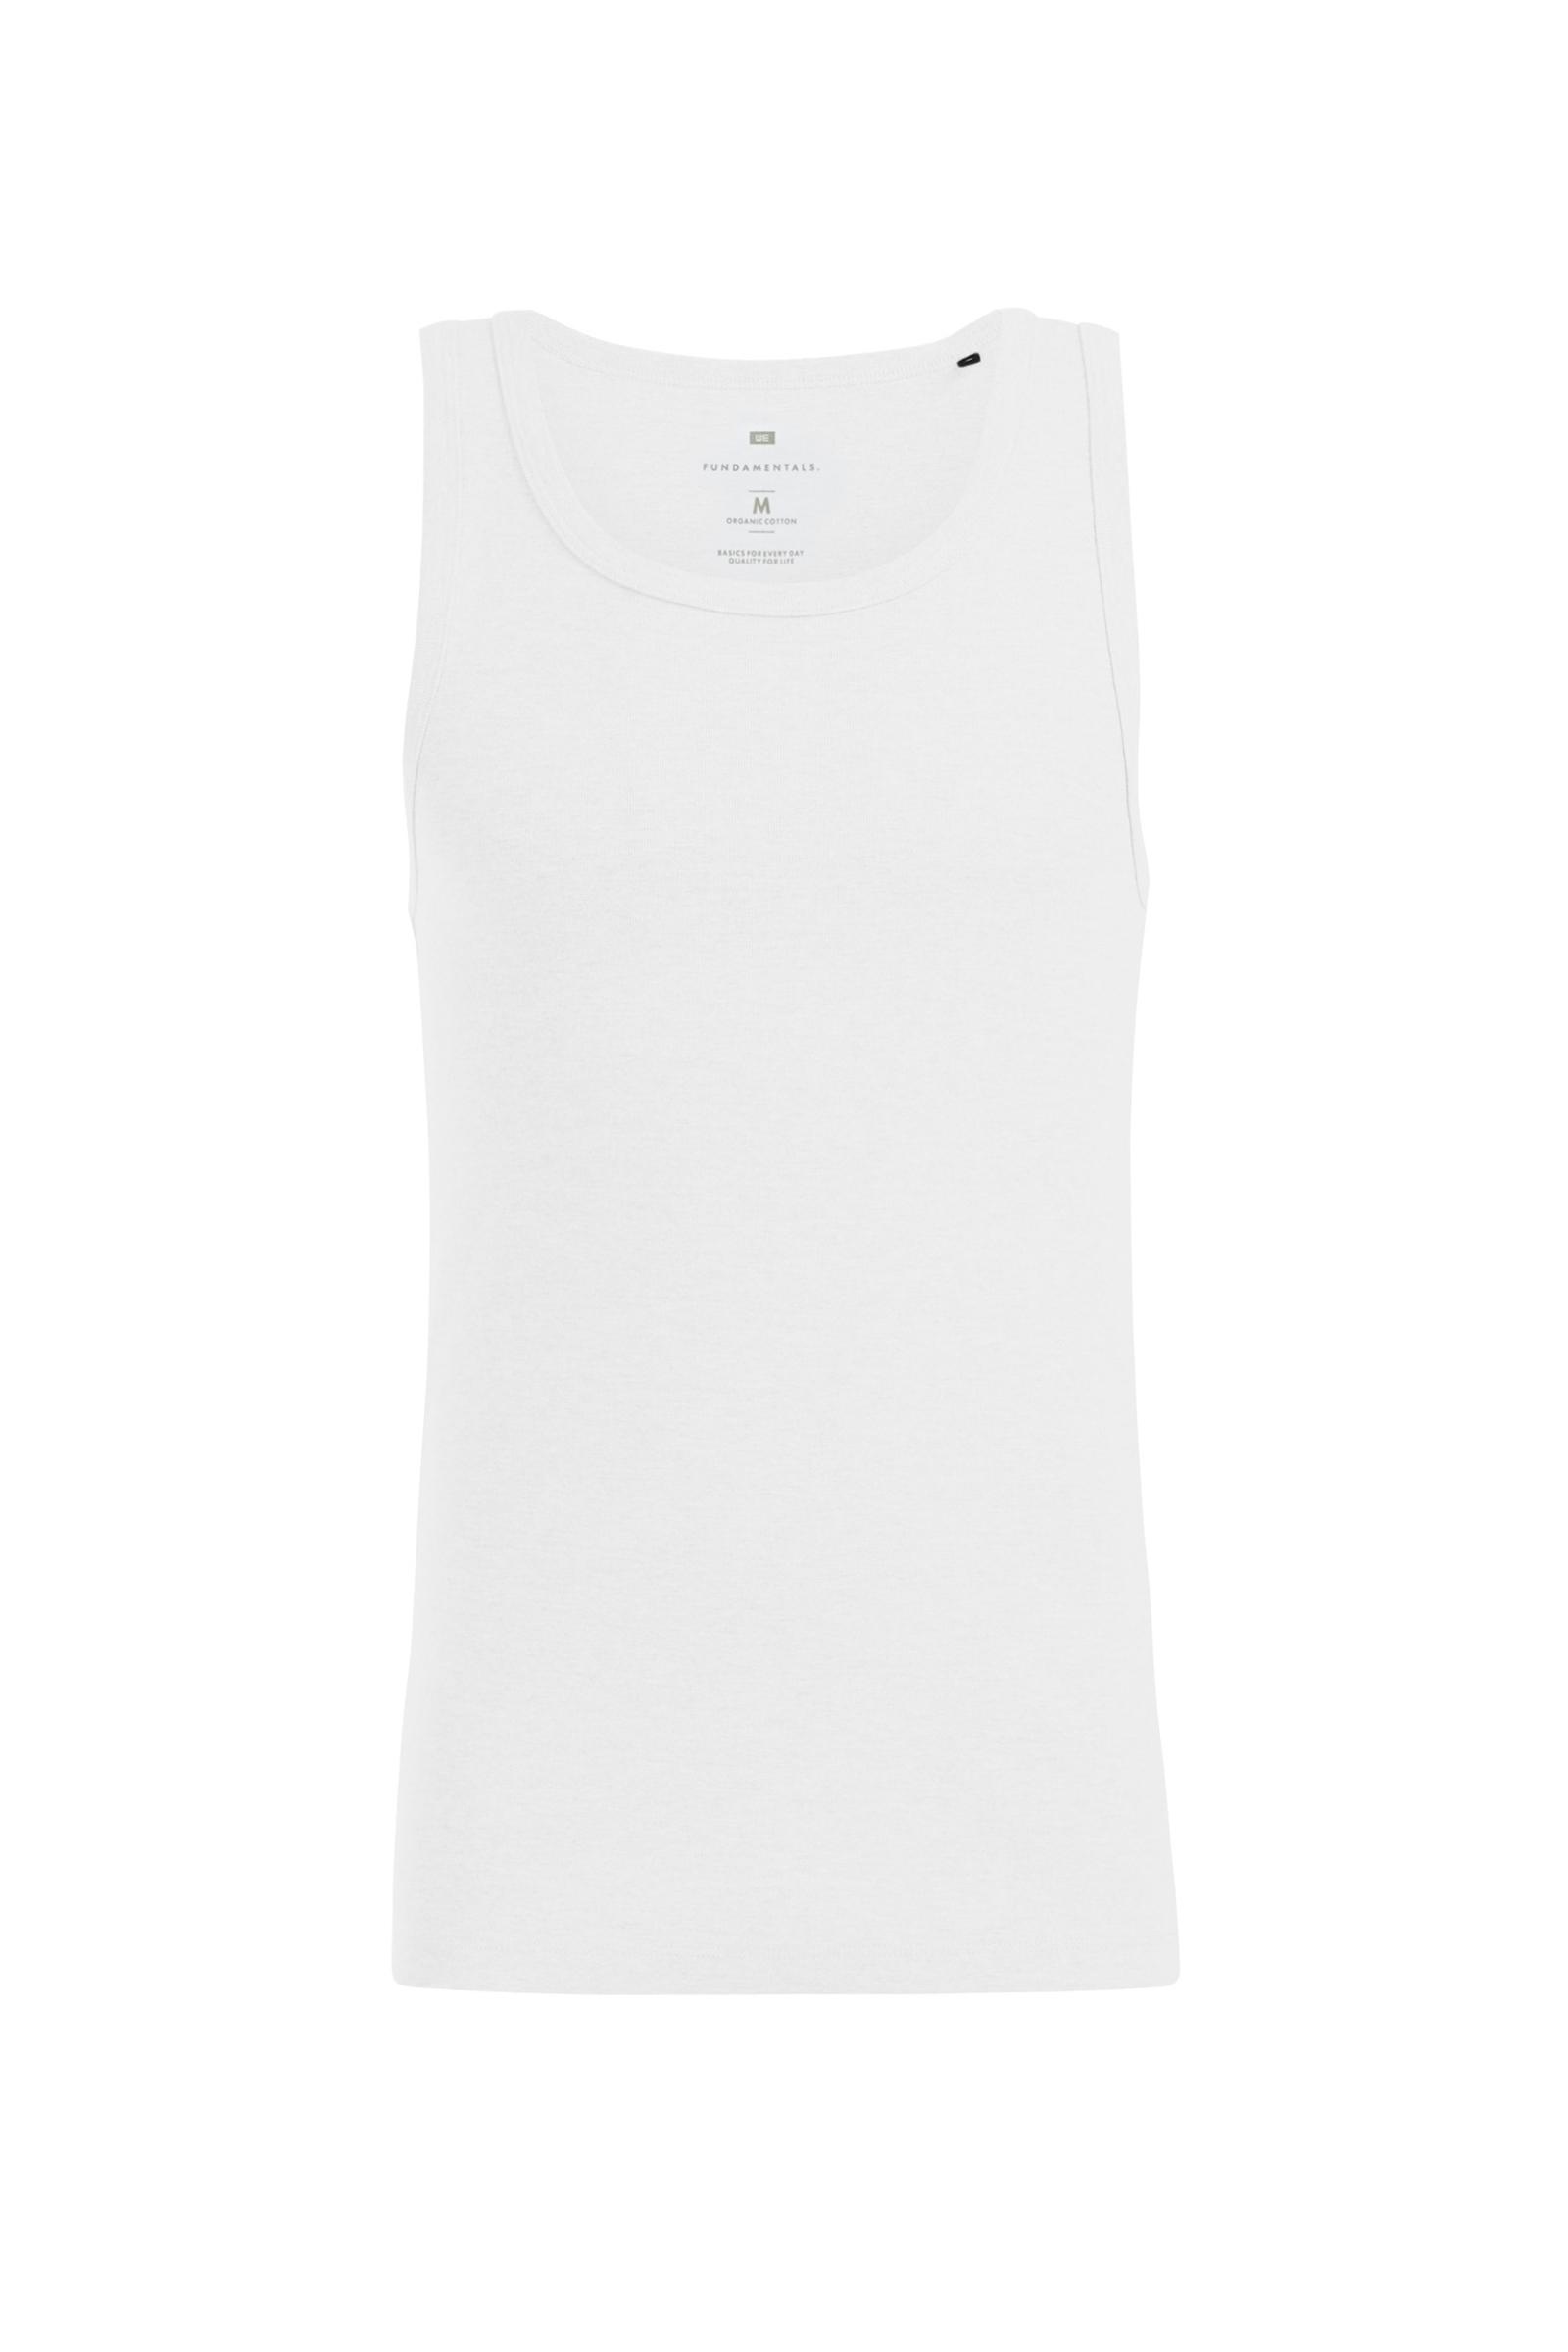 c5f5fb873e7cfd HERREN-TRÄGERSHIRT AUS BIO-BAUMWOLLE Weiß